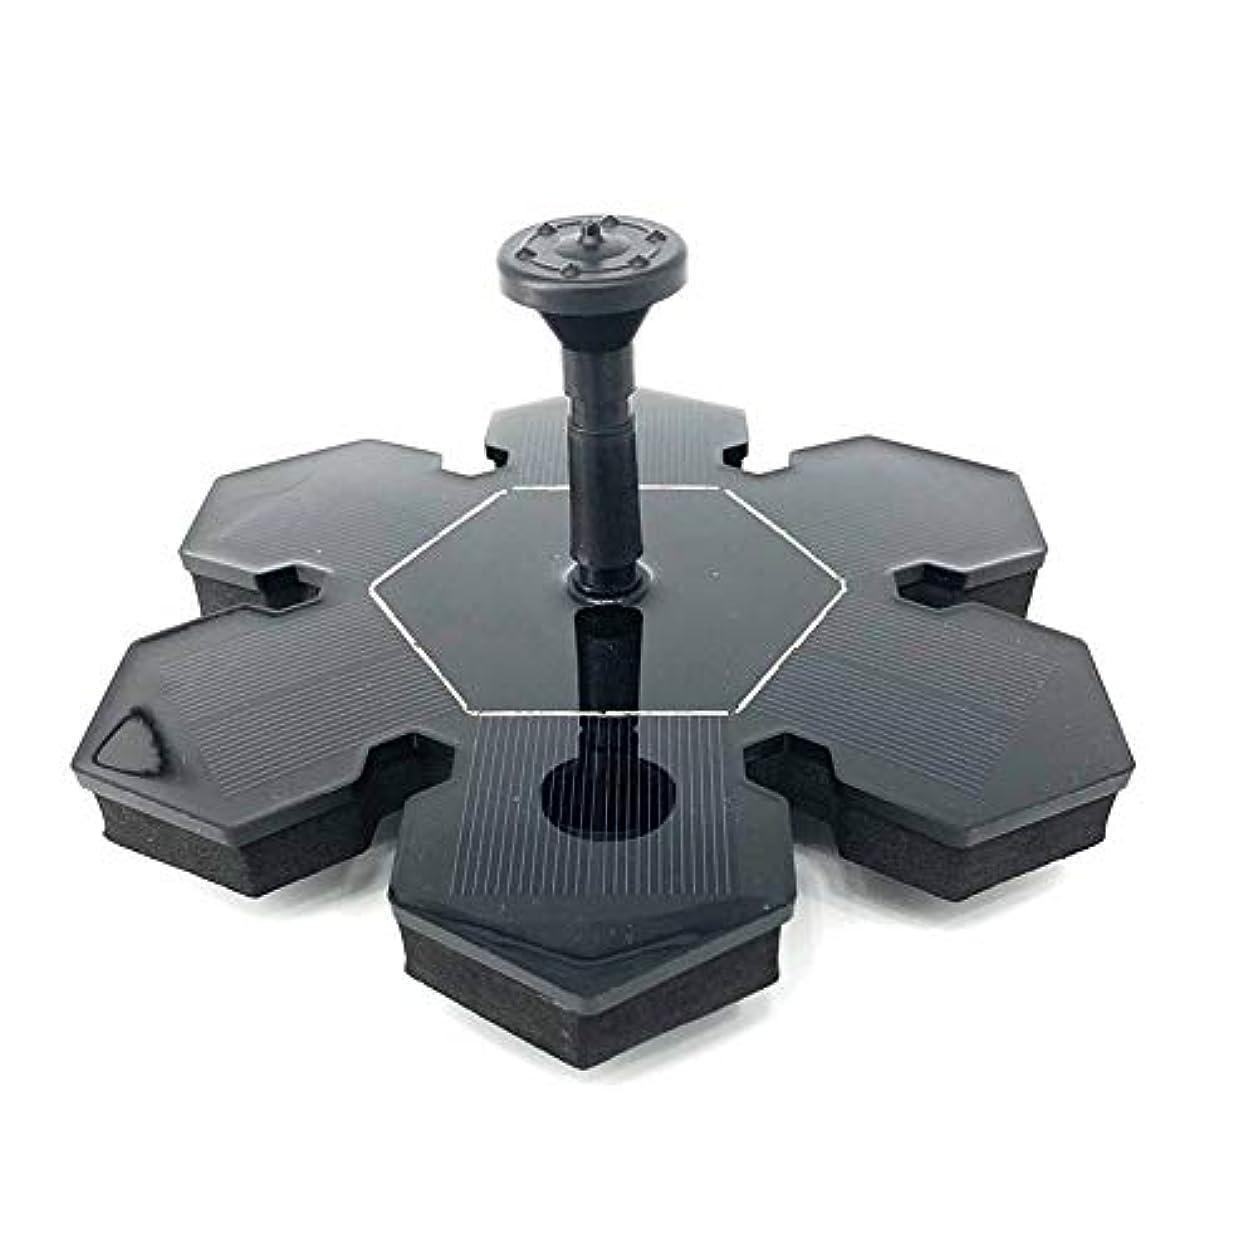 マニフェストイライラするシャンプーガーデン用噴水 屋外アイスフラワーソーラー噴水水上噴水ポンプの池またはガーデンデコレーションプールブラックを形 ソーラーミニ噴水 (Color : Black, Size : M)